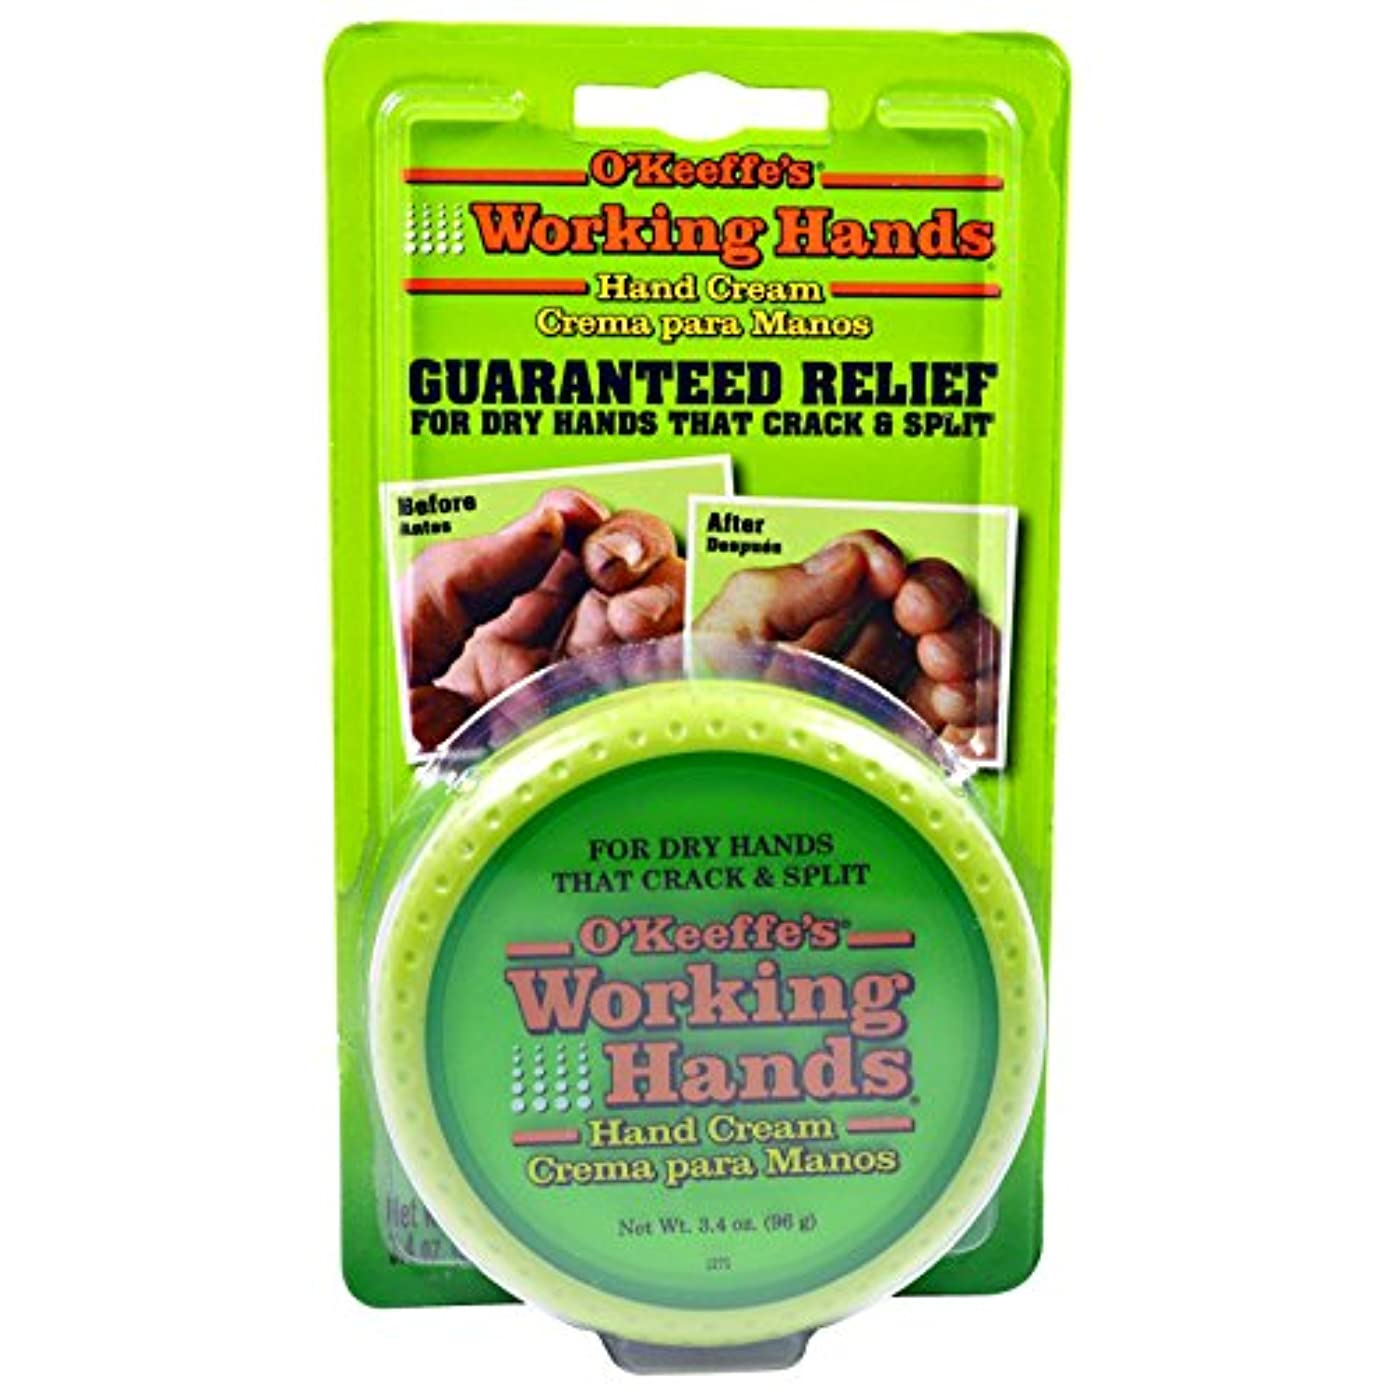 対称巨人ぼんやりしたオキーフス ワーキングハンドクリーム チューブ 85g 2点 & ワーキングハンズ ハンドクリーム96 g 2点 2セット(並行輸入品) O'Keeffe's Working Hands Hand Cream 3oz